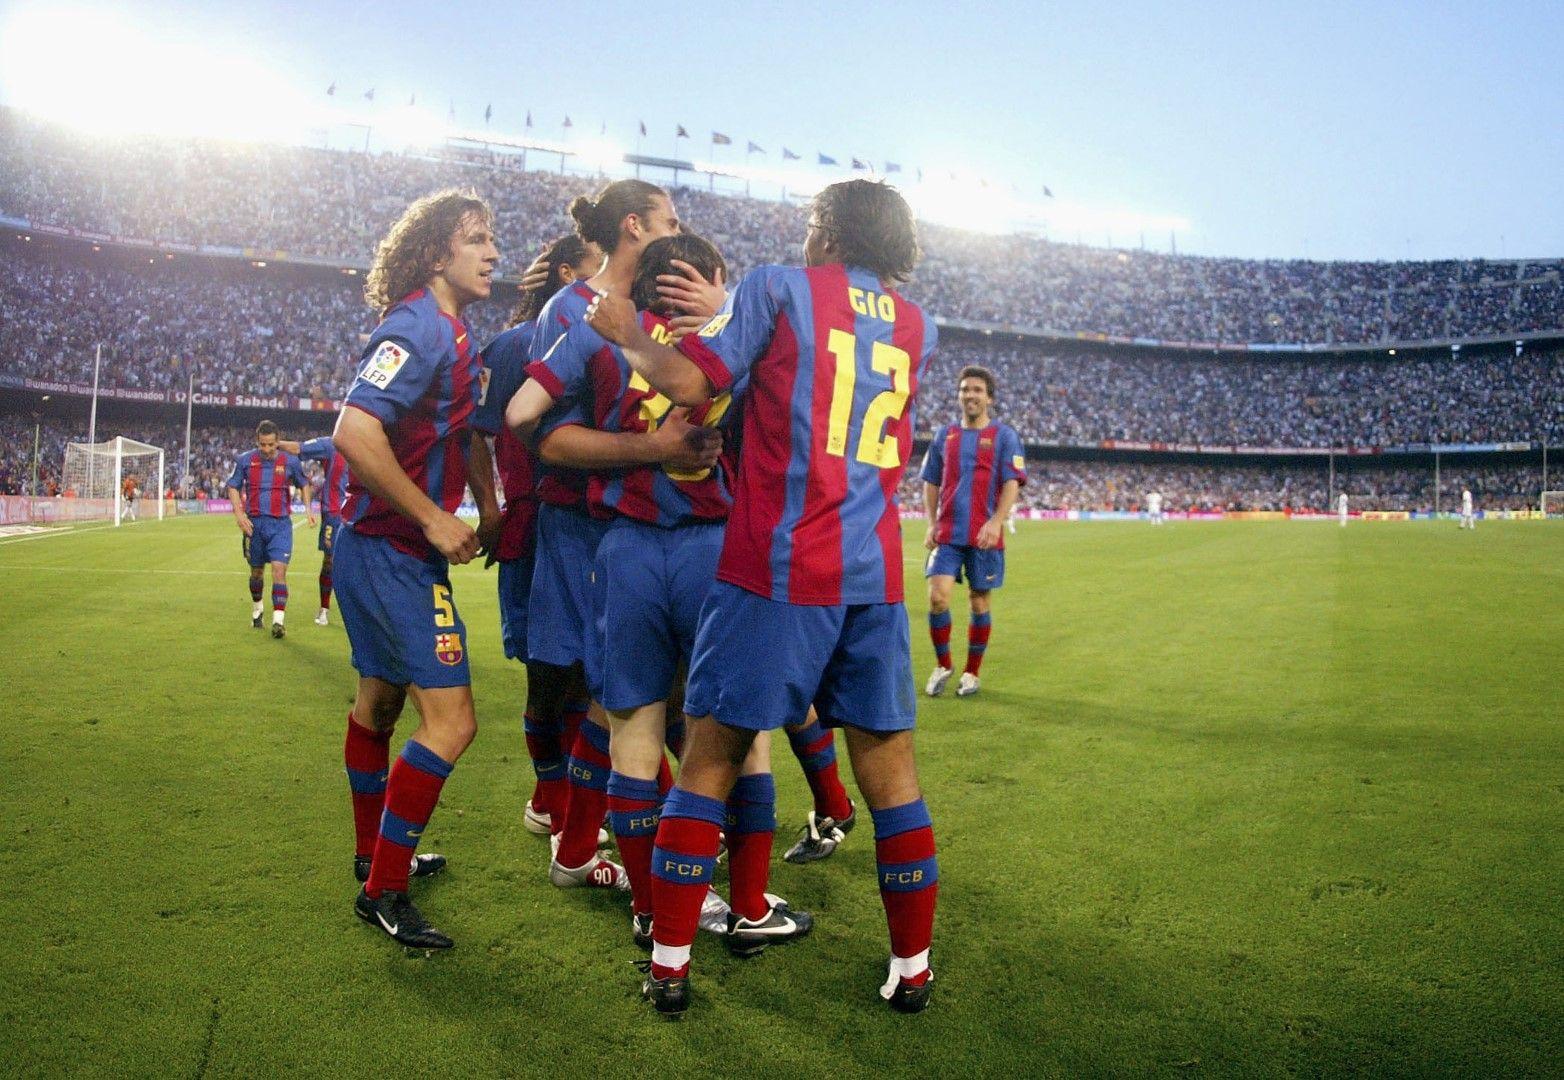 1 май 2005 г., Барселона - Албасете 2:0. Меси е в прегръдките на съотборниците си - първи гол за Барса! 34-и кръг на първенството, резултатът става 2:0.